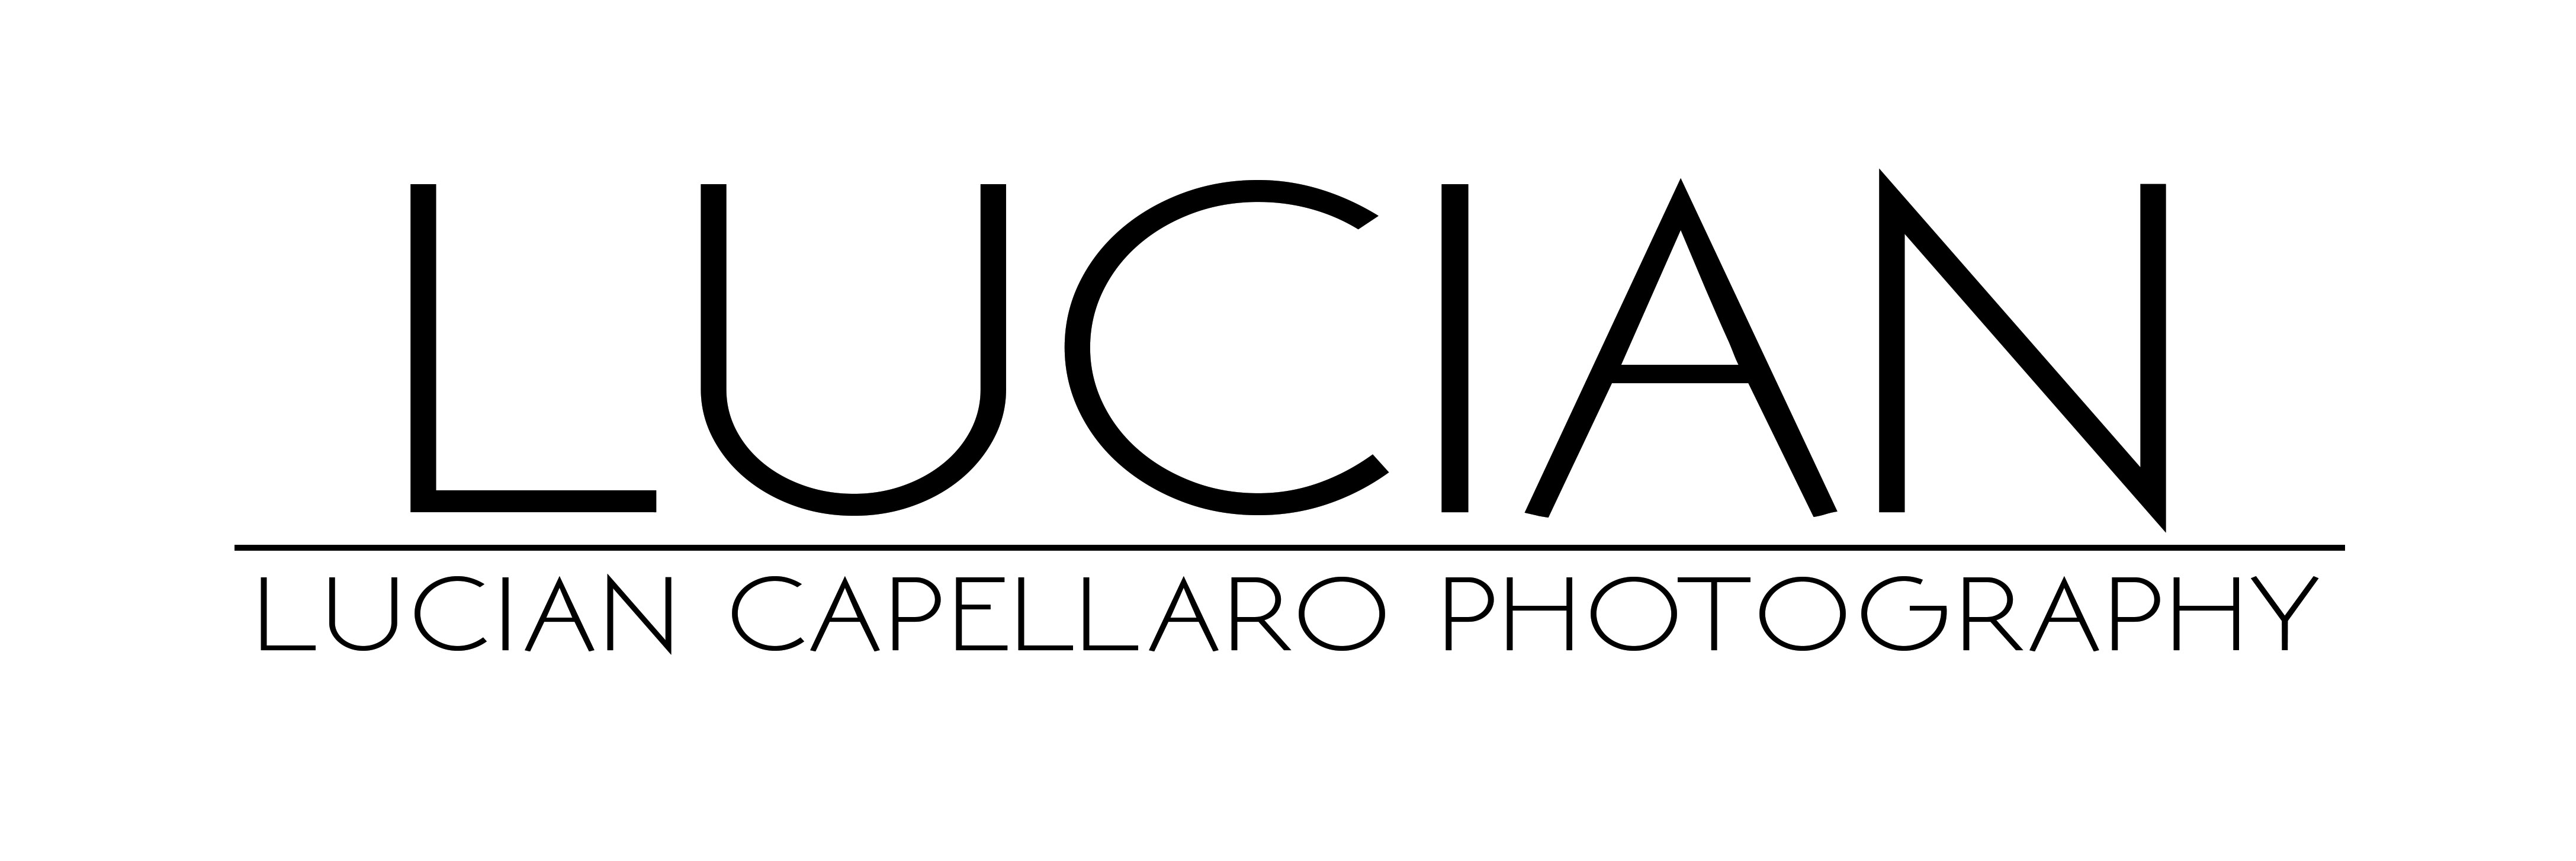 Lucian Capellaro